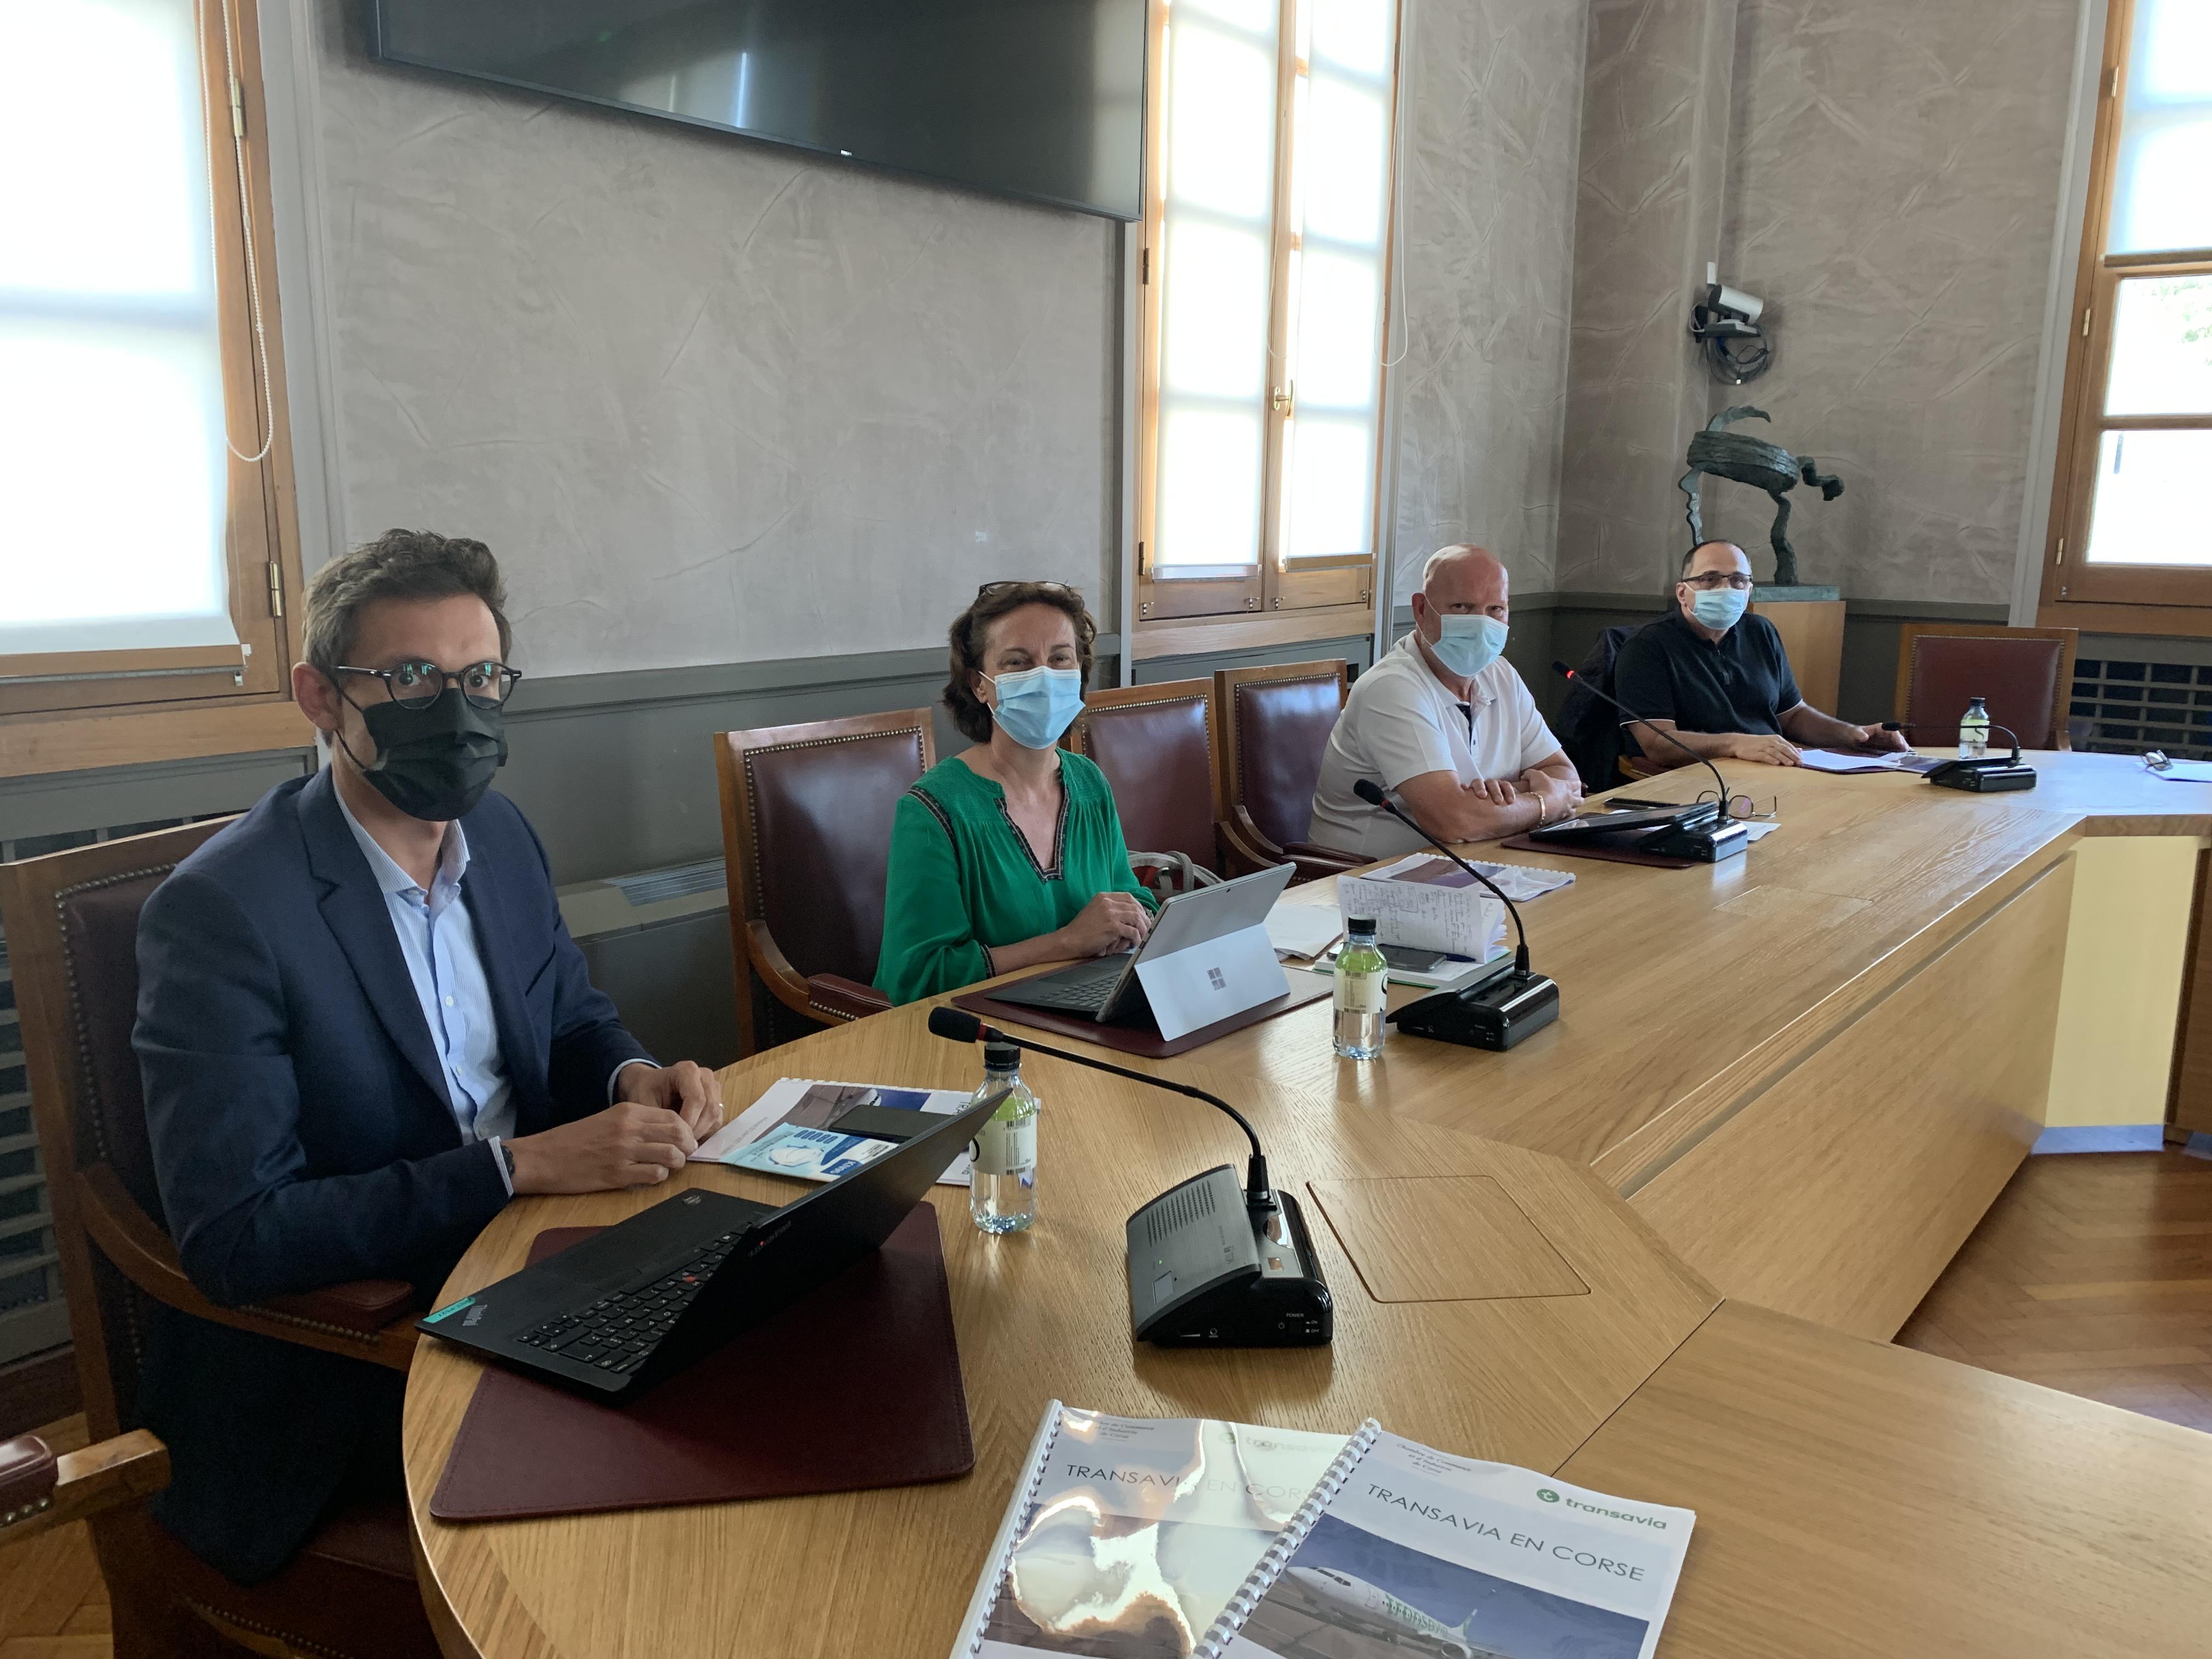 Alexandre Blondel, Nathalie Stubler et jean Dominici ont présenté les 12 routes de la compagnie Transavia